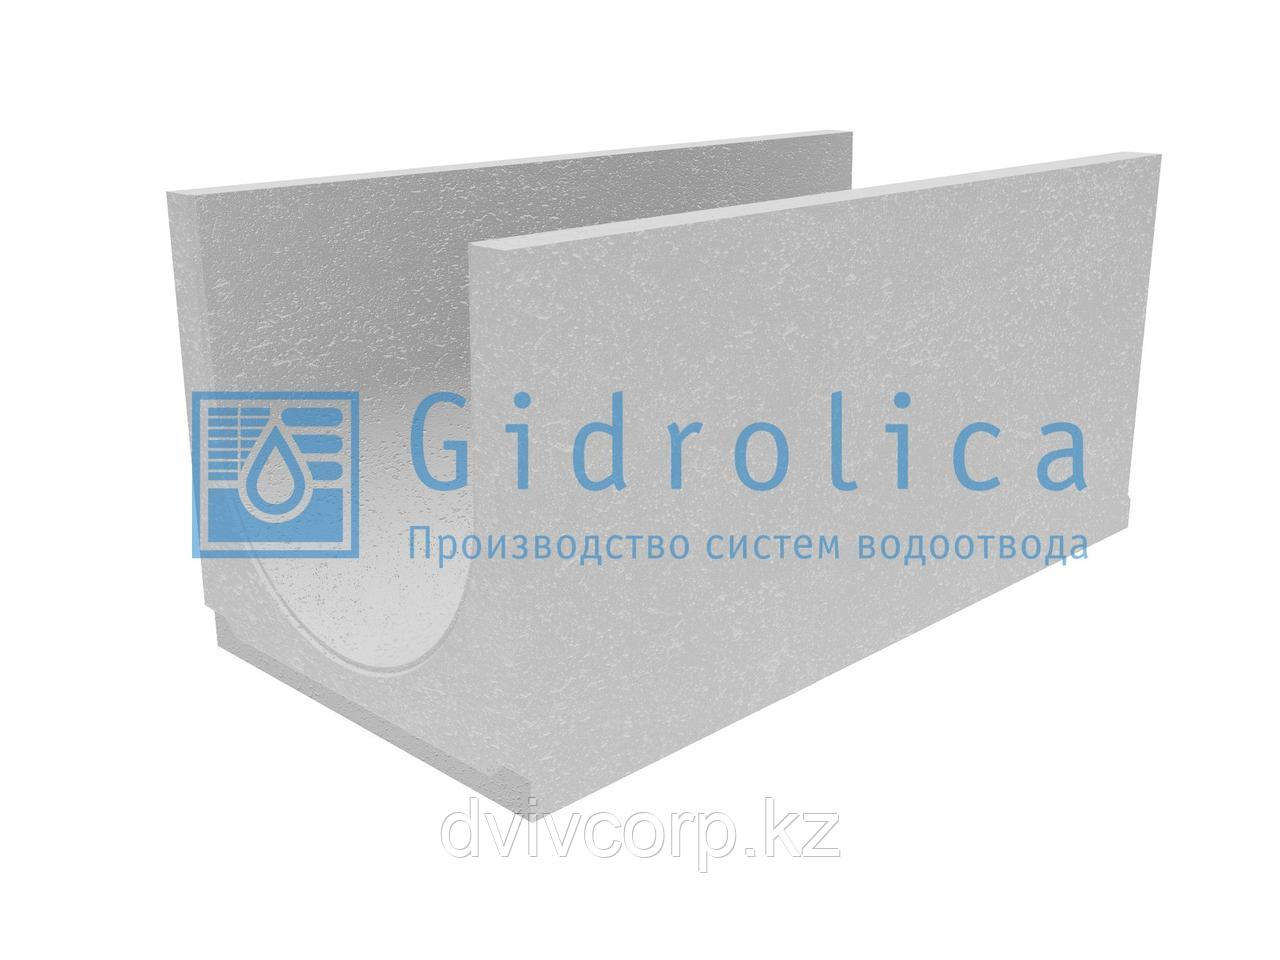 Лоток водоотводный бетонный коробчатый (СО-400мм), с уклоном 0,5% КUу 100.49,4(40).49(42) - BGU, № 19